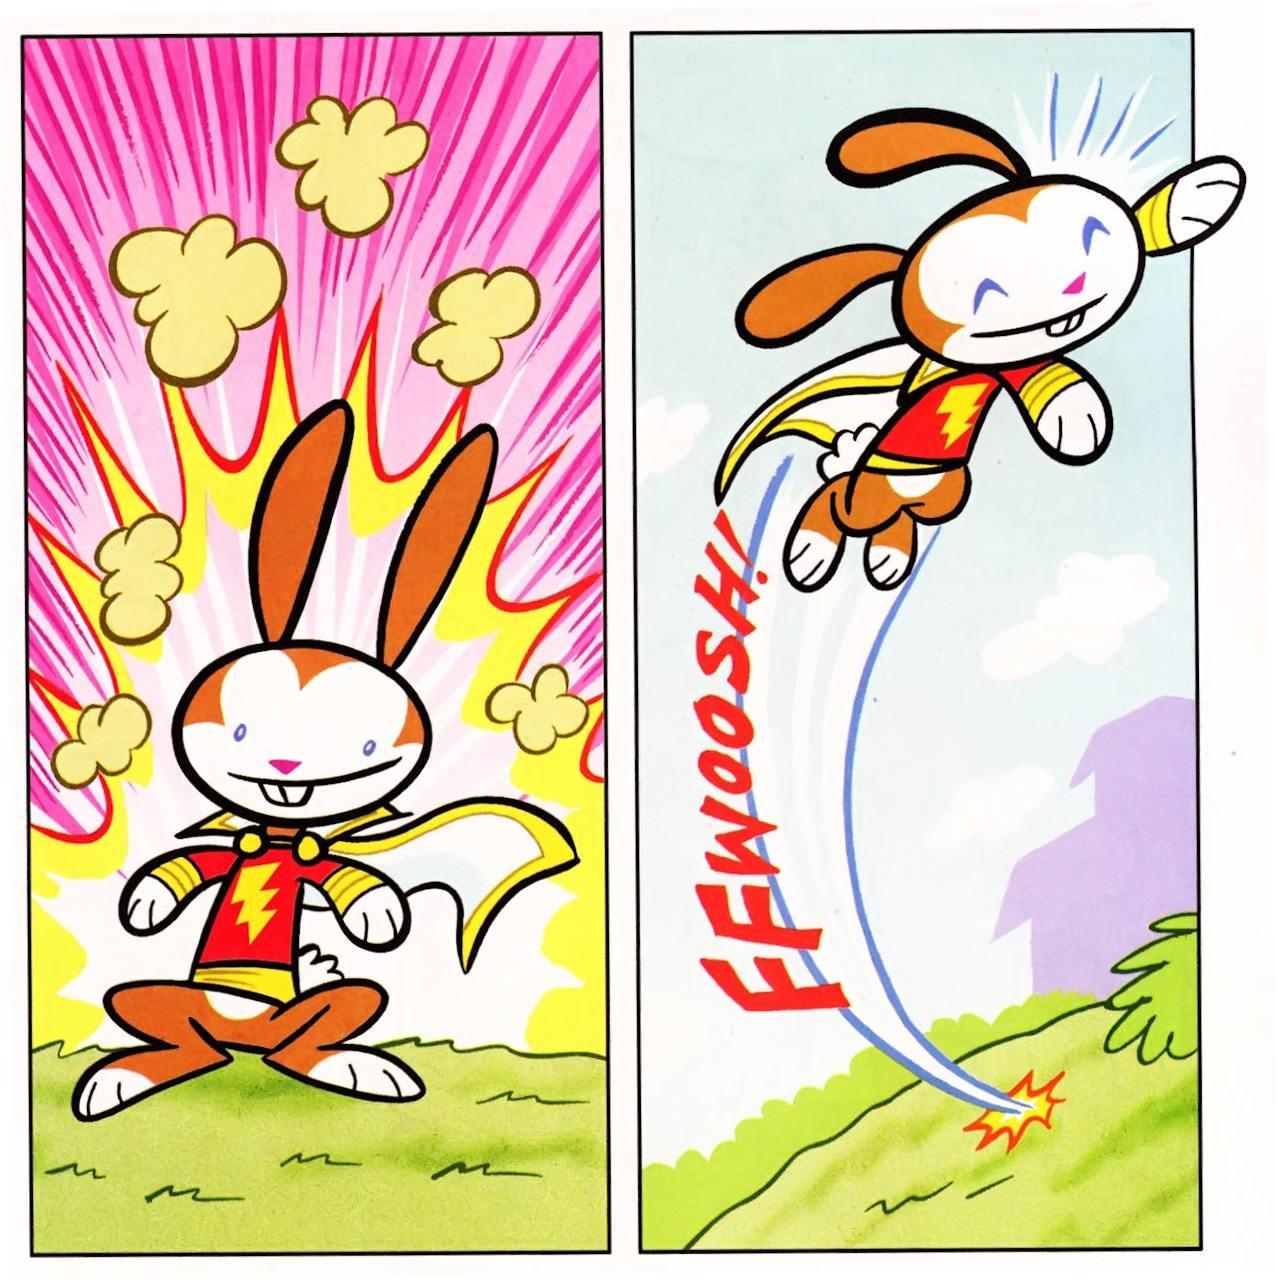 Hoppy (Tiny Titans)